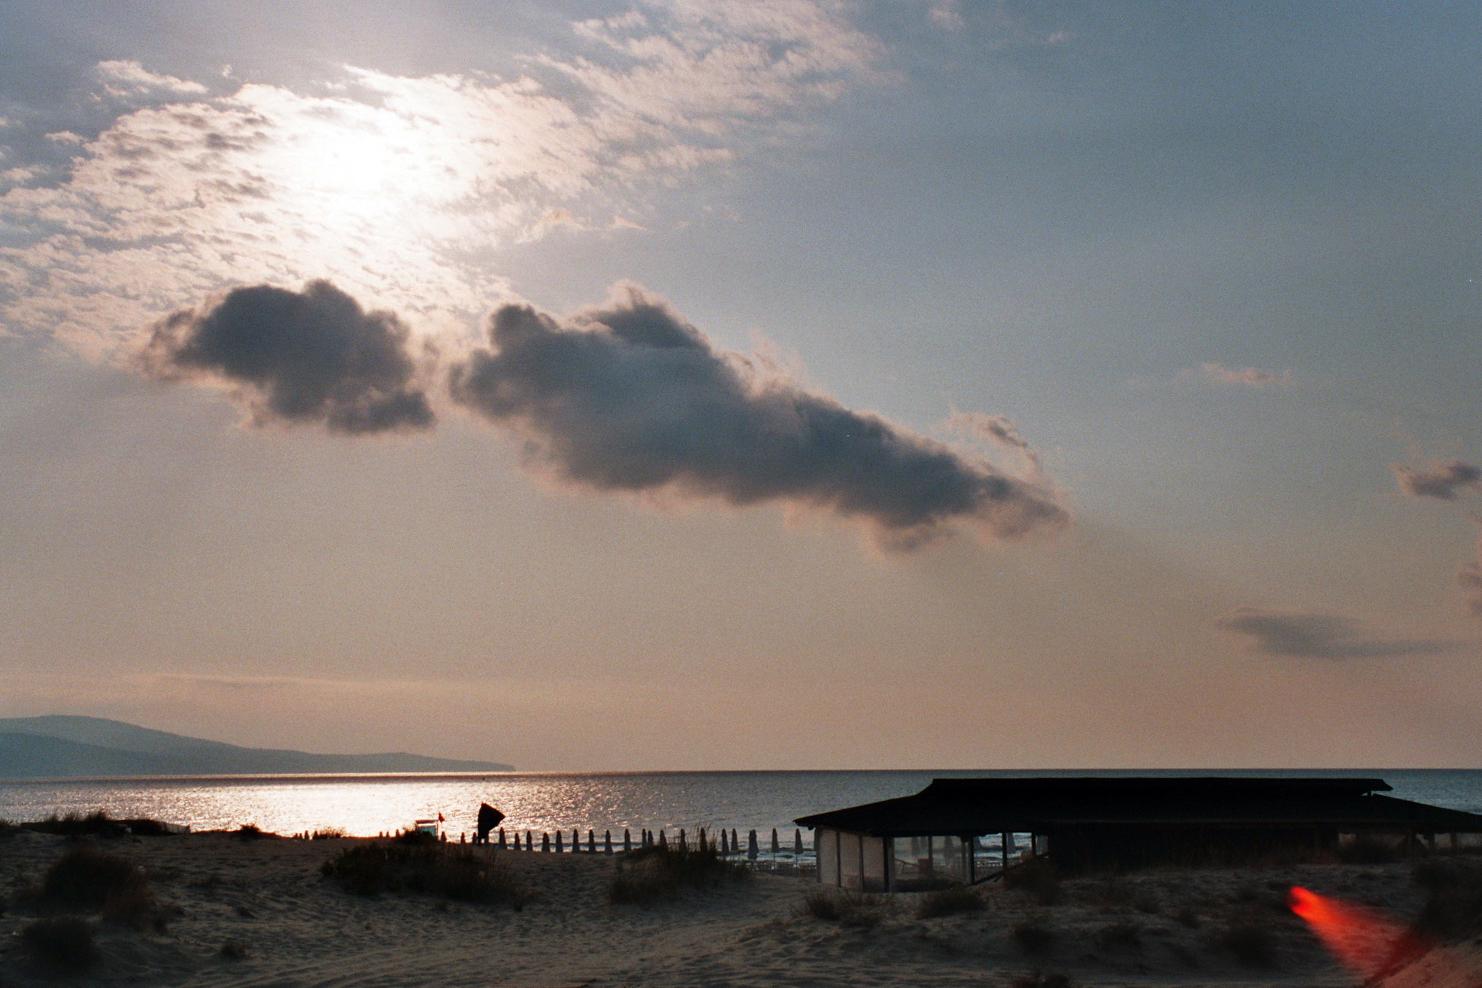 Guten Morgen Liebes Meer Foto Bild Landschaft Meer